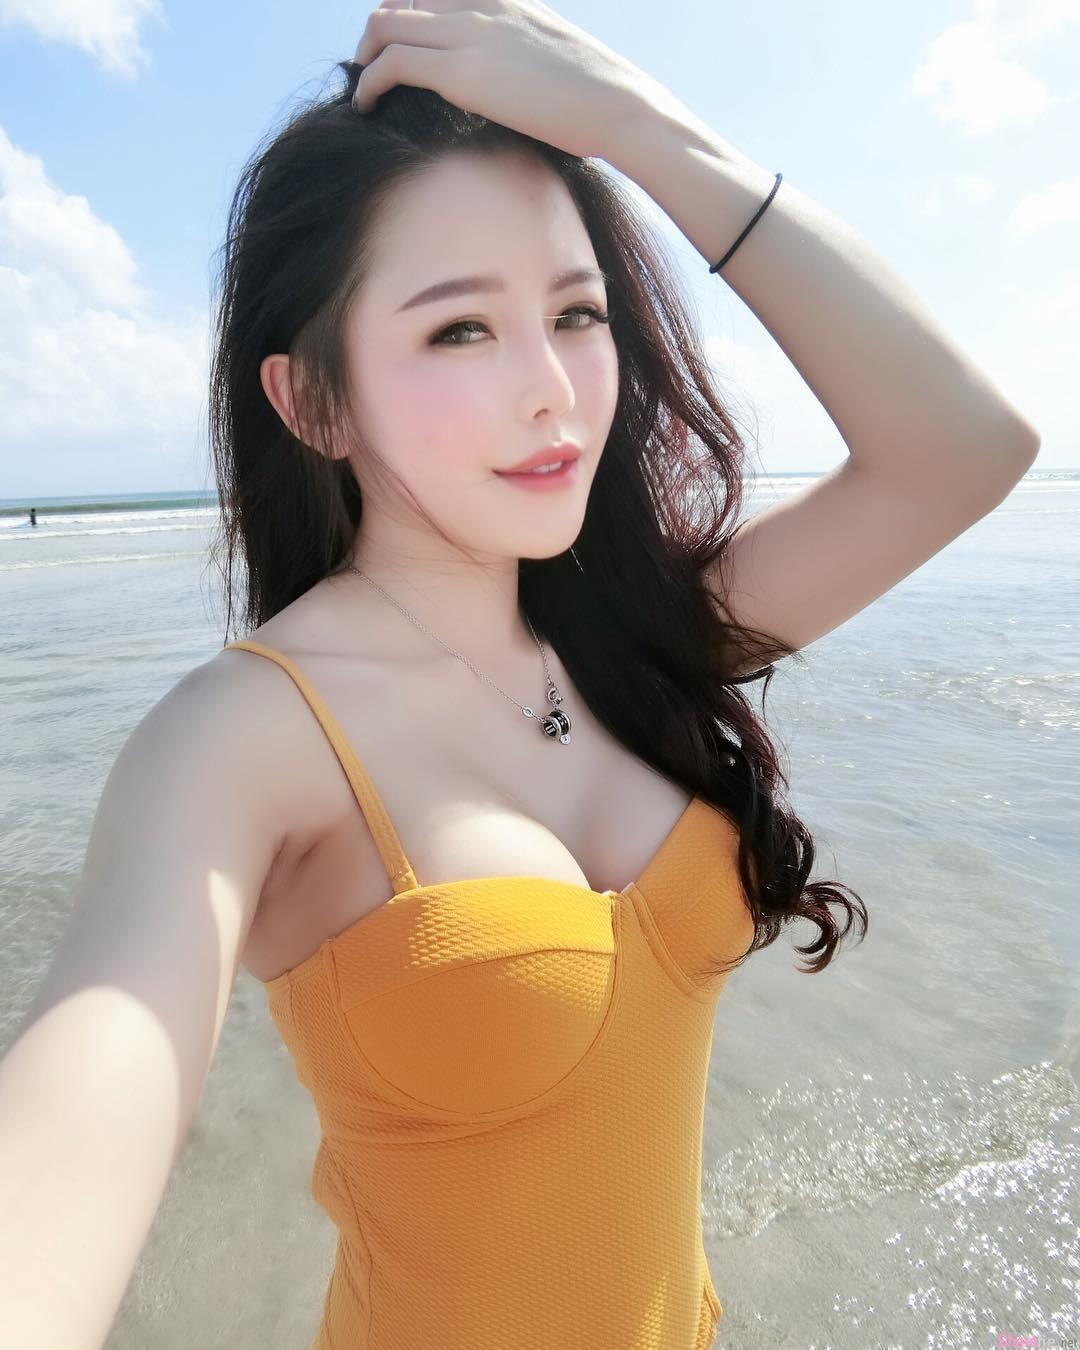 网卖女神Dolly Min穿上超人泳装,好身材让人看了也会飞起来